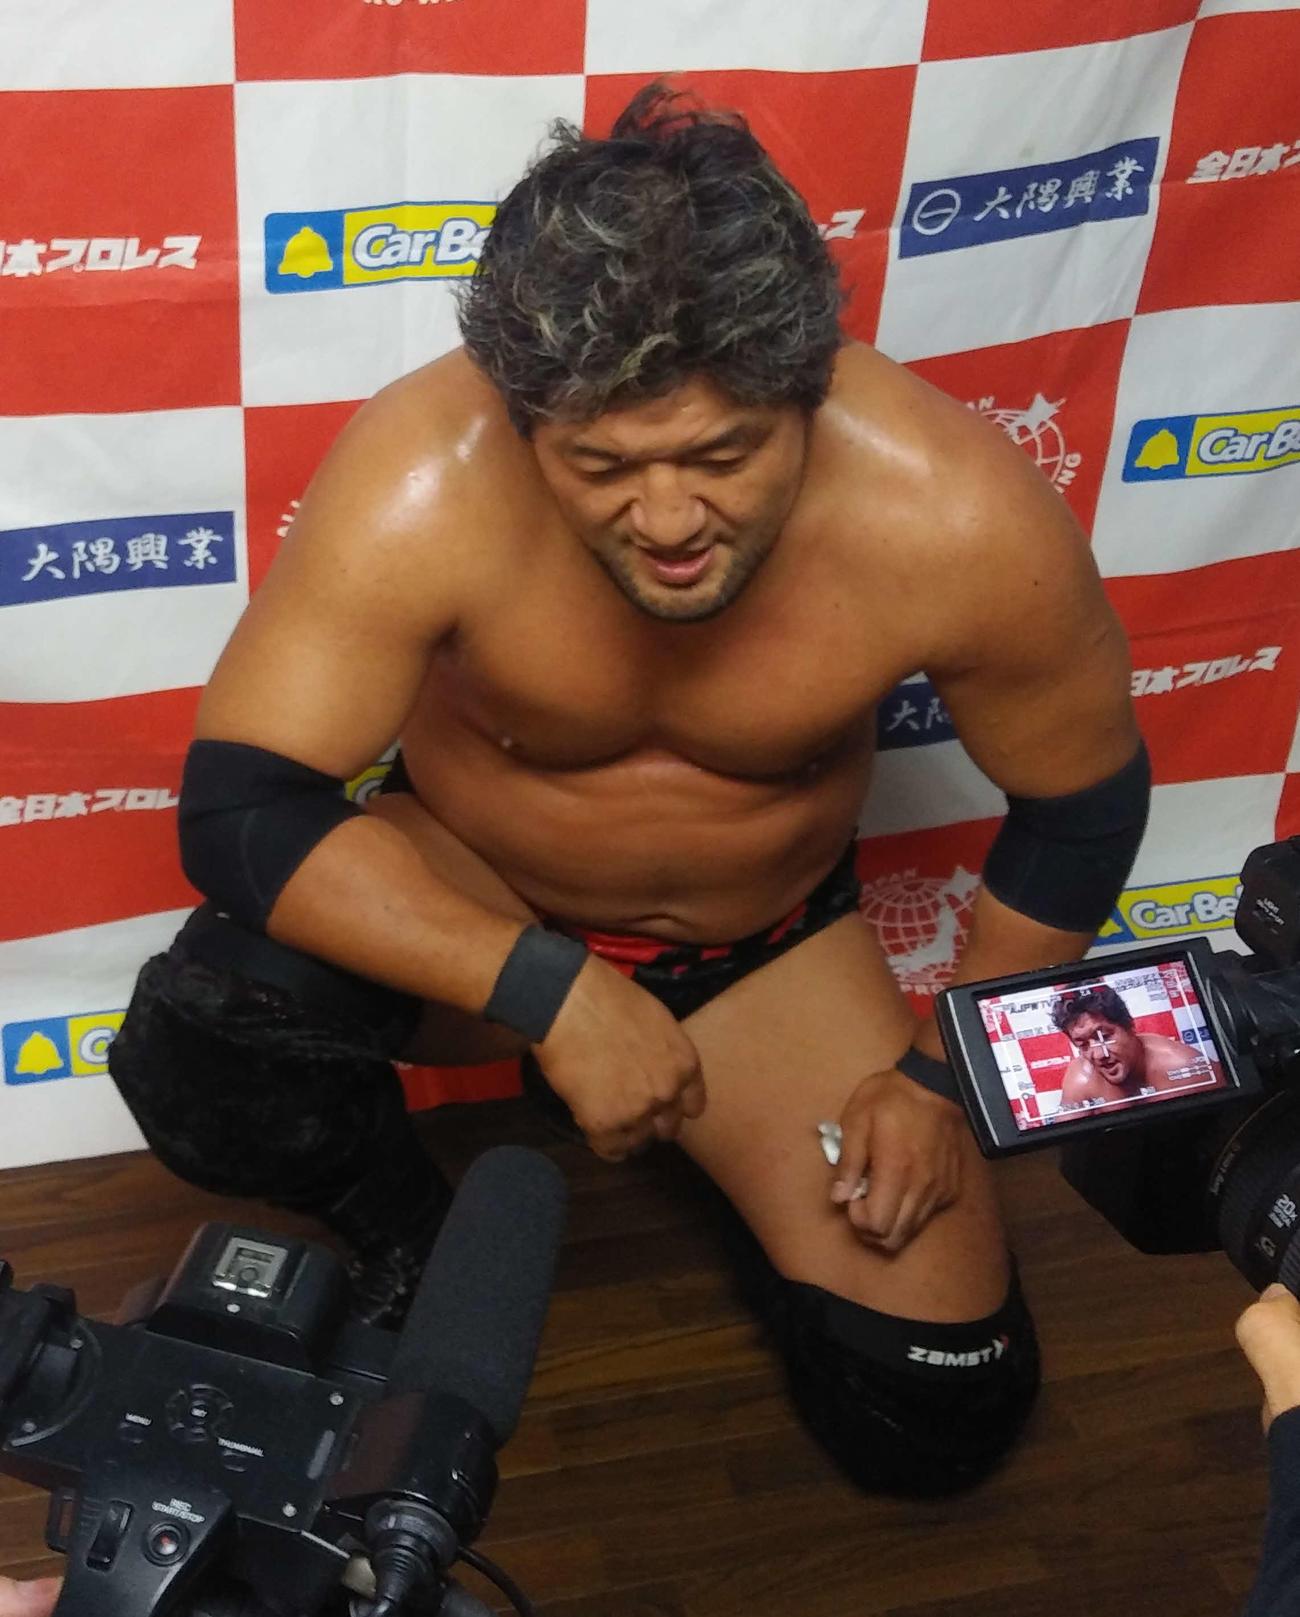 試合後、バックステージで取材に応じる石川修司(撮影・松熊洋介)